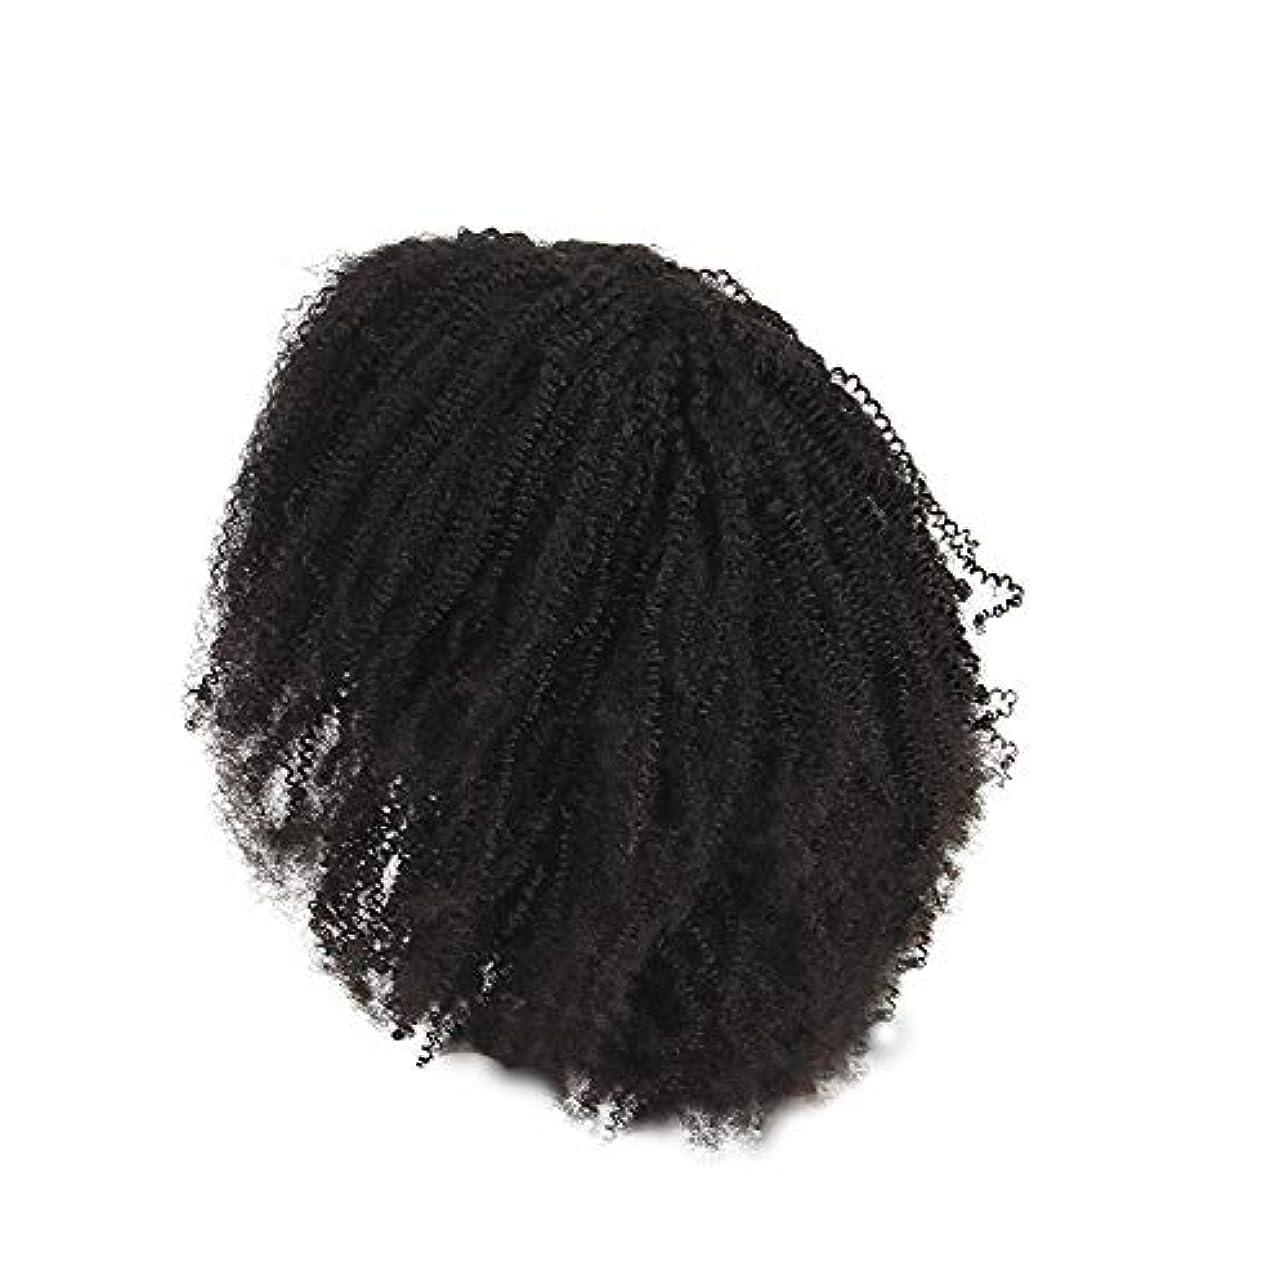 コンデンサー花瓶覚えているかつらレース化学繊維爆発ヘッド小体積短い髪かつらの前に